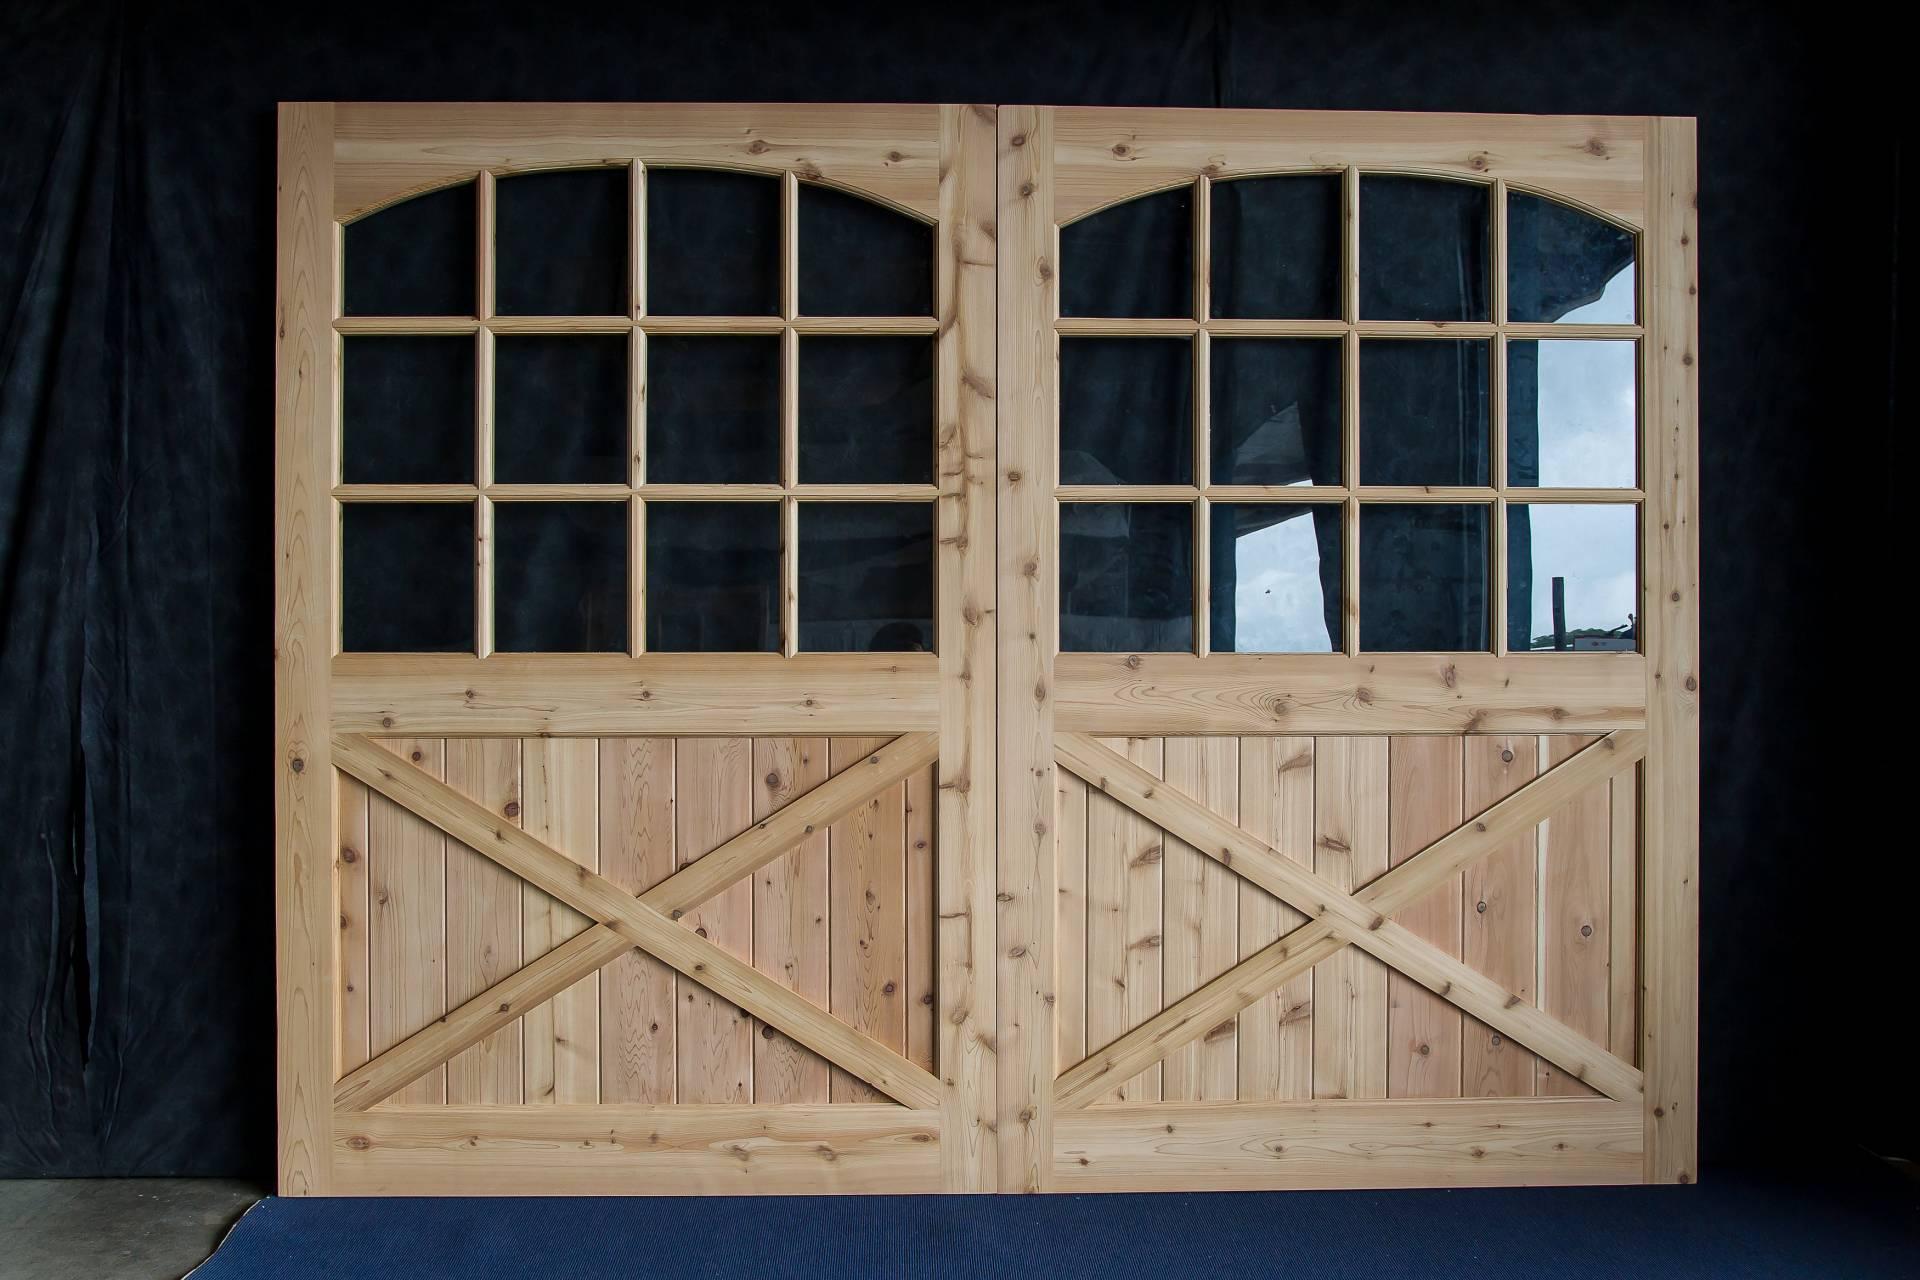 Overhead Garage Doors with Windows